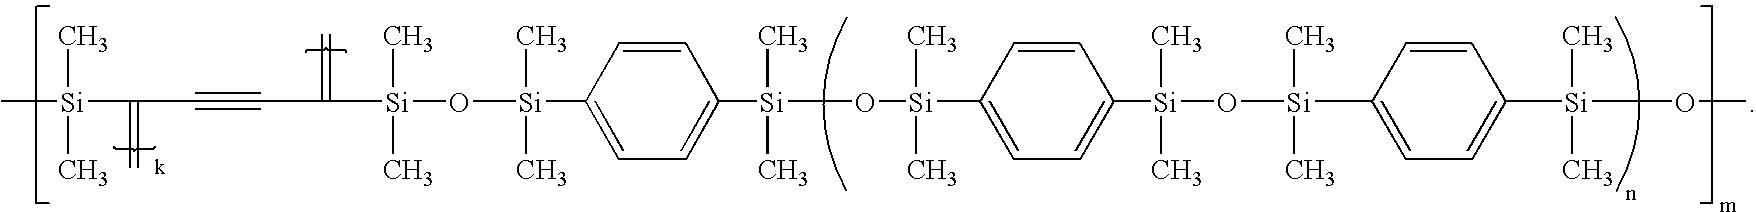 Figure US06787615-20040907-C00010